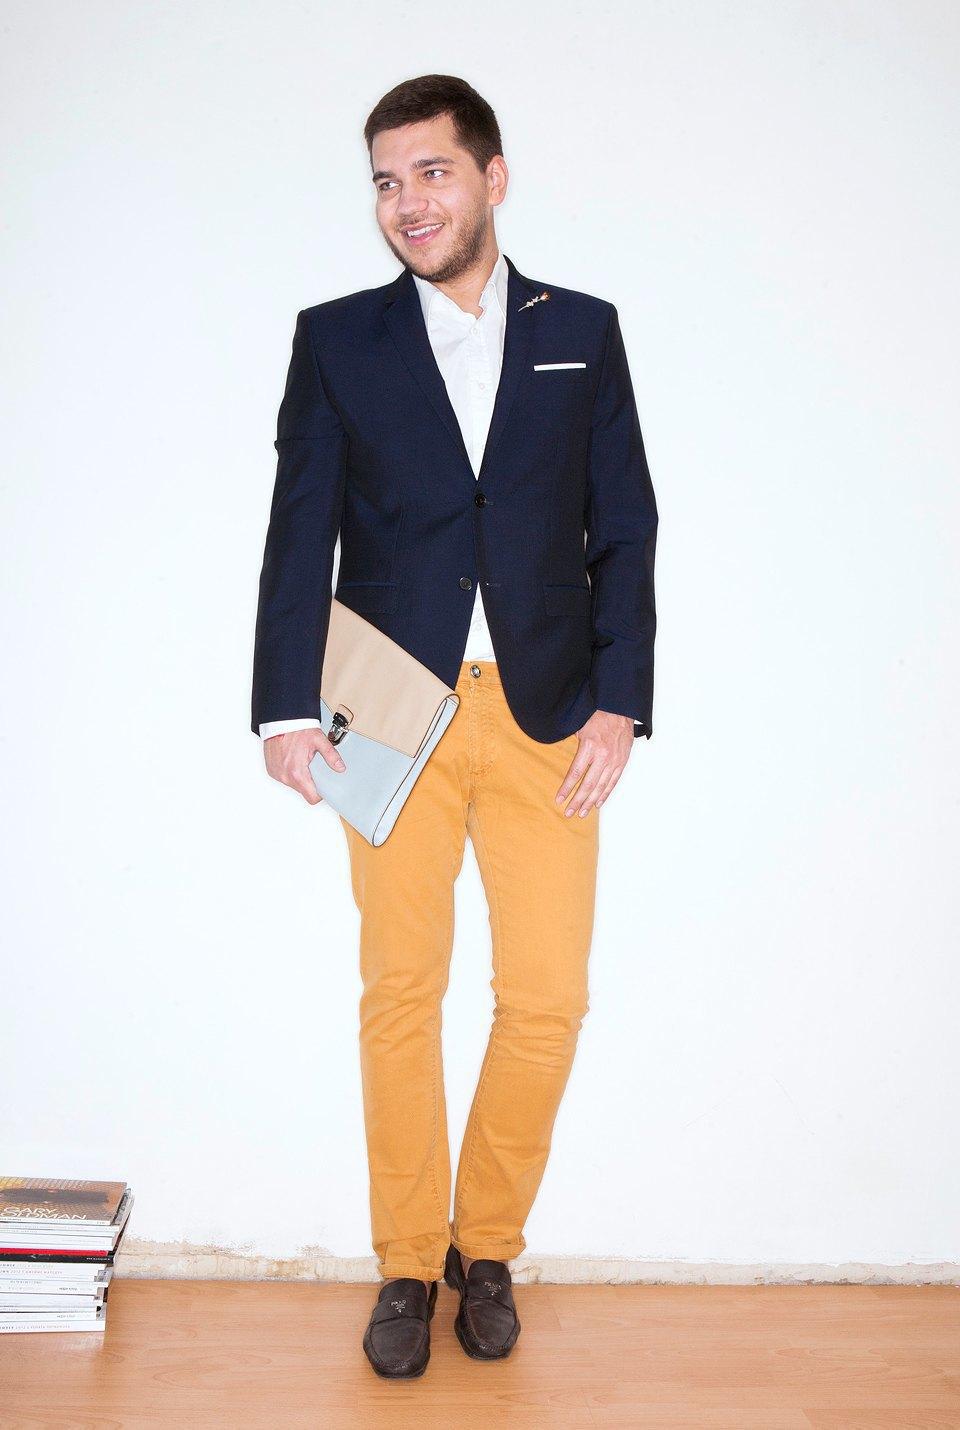 Паша Бобров, PR-специалист BSG Luxury Group. Изображение № 9.